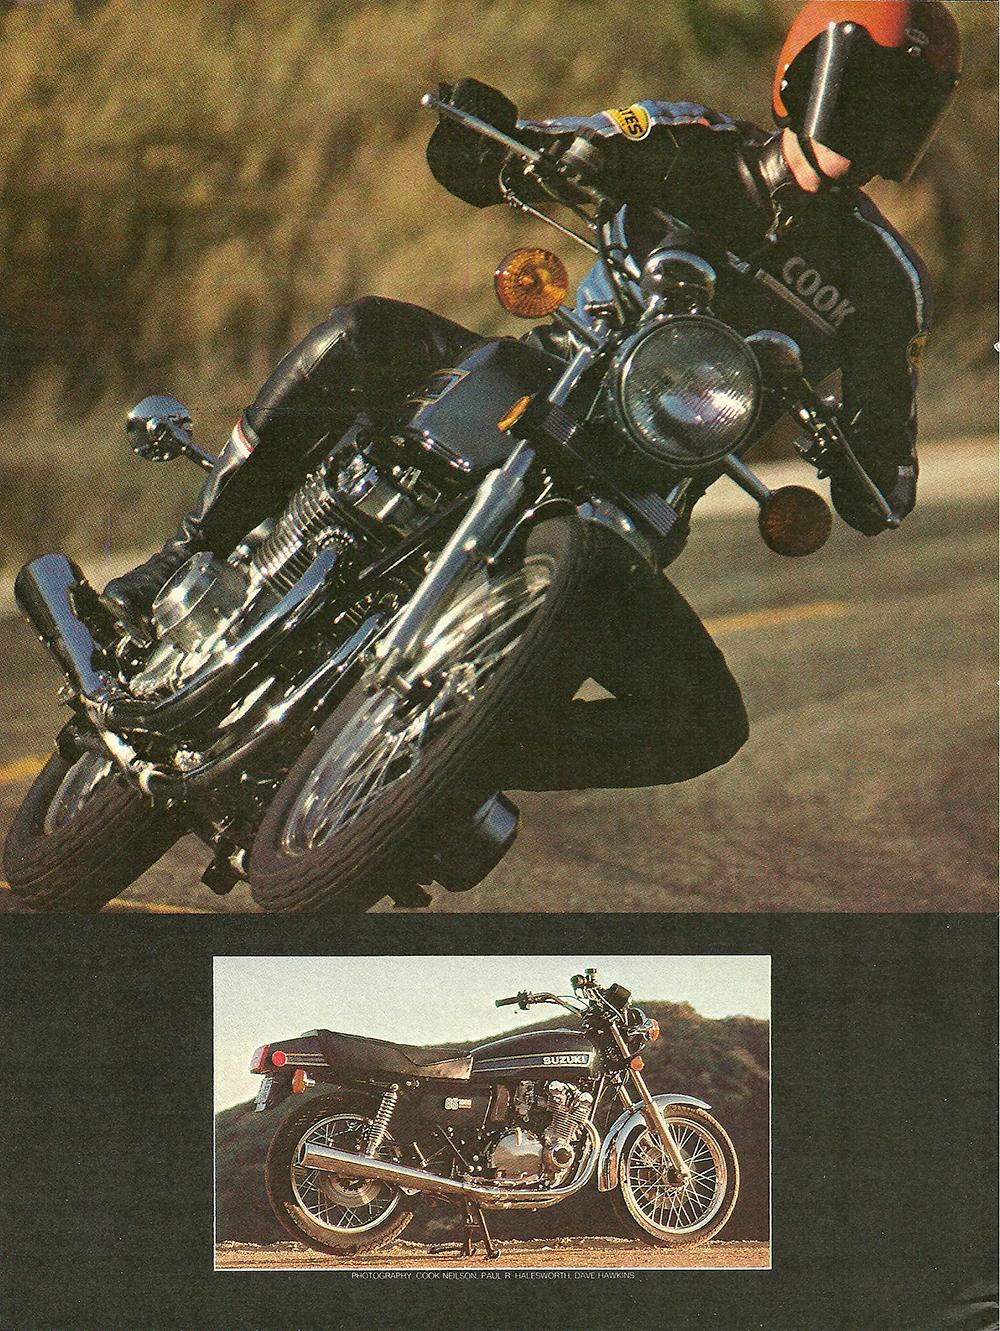 1978 Suzuki GS1000 road test 1.jpg